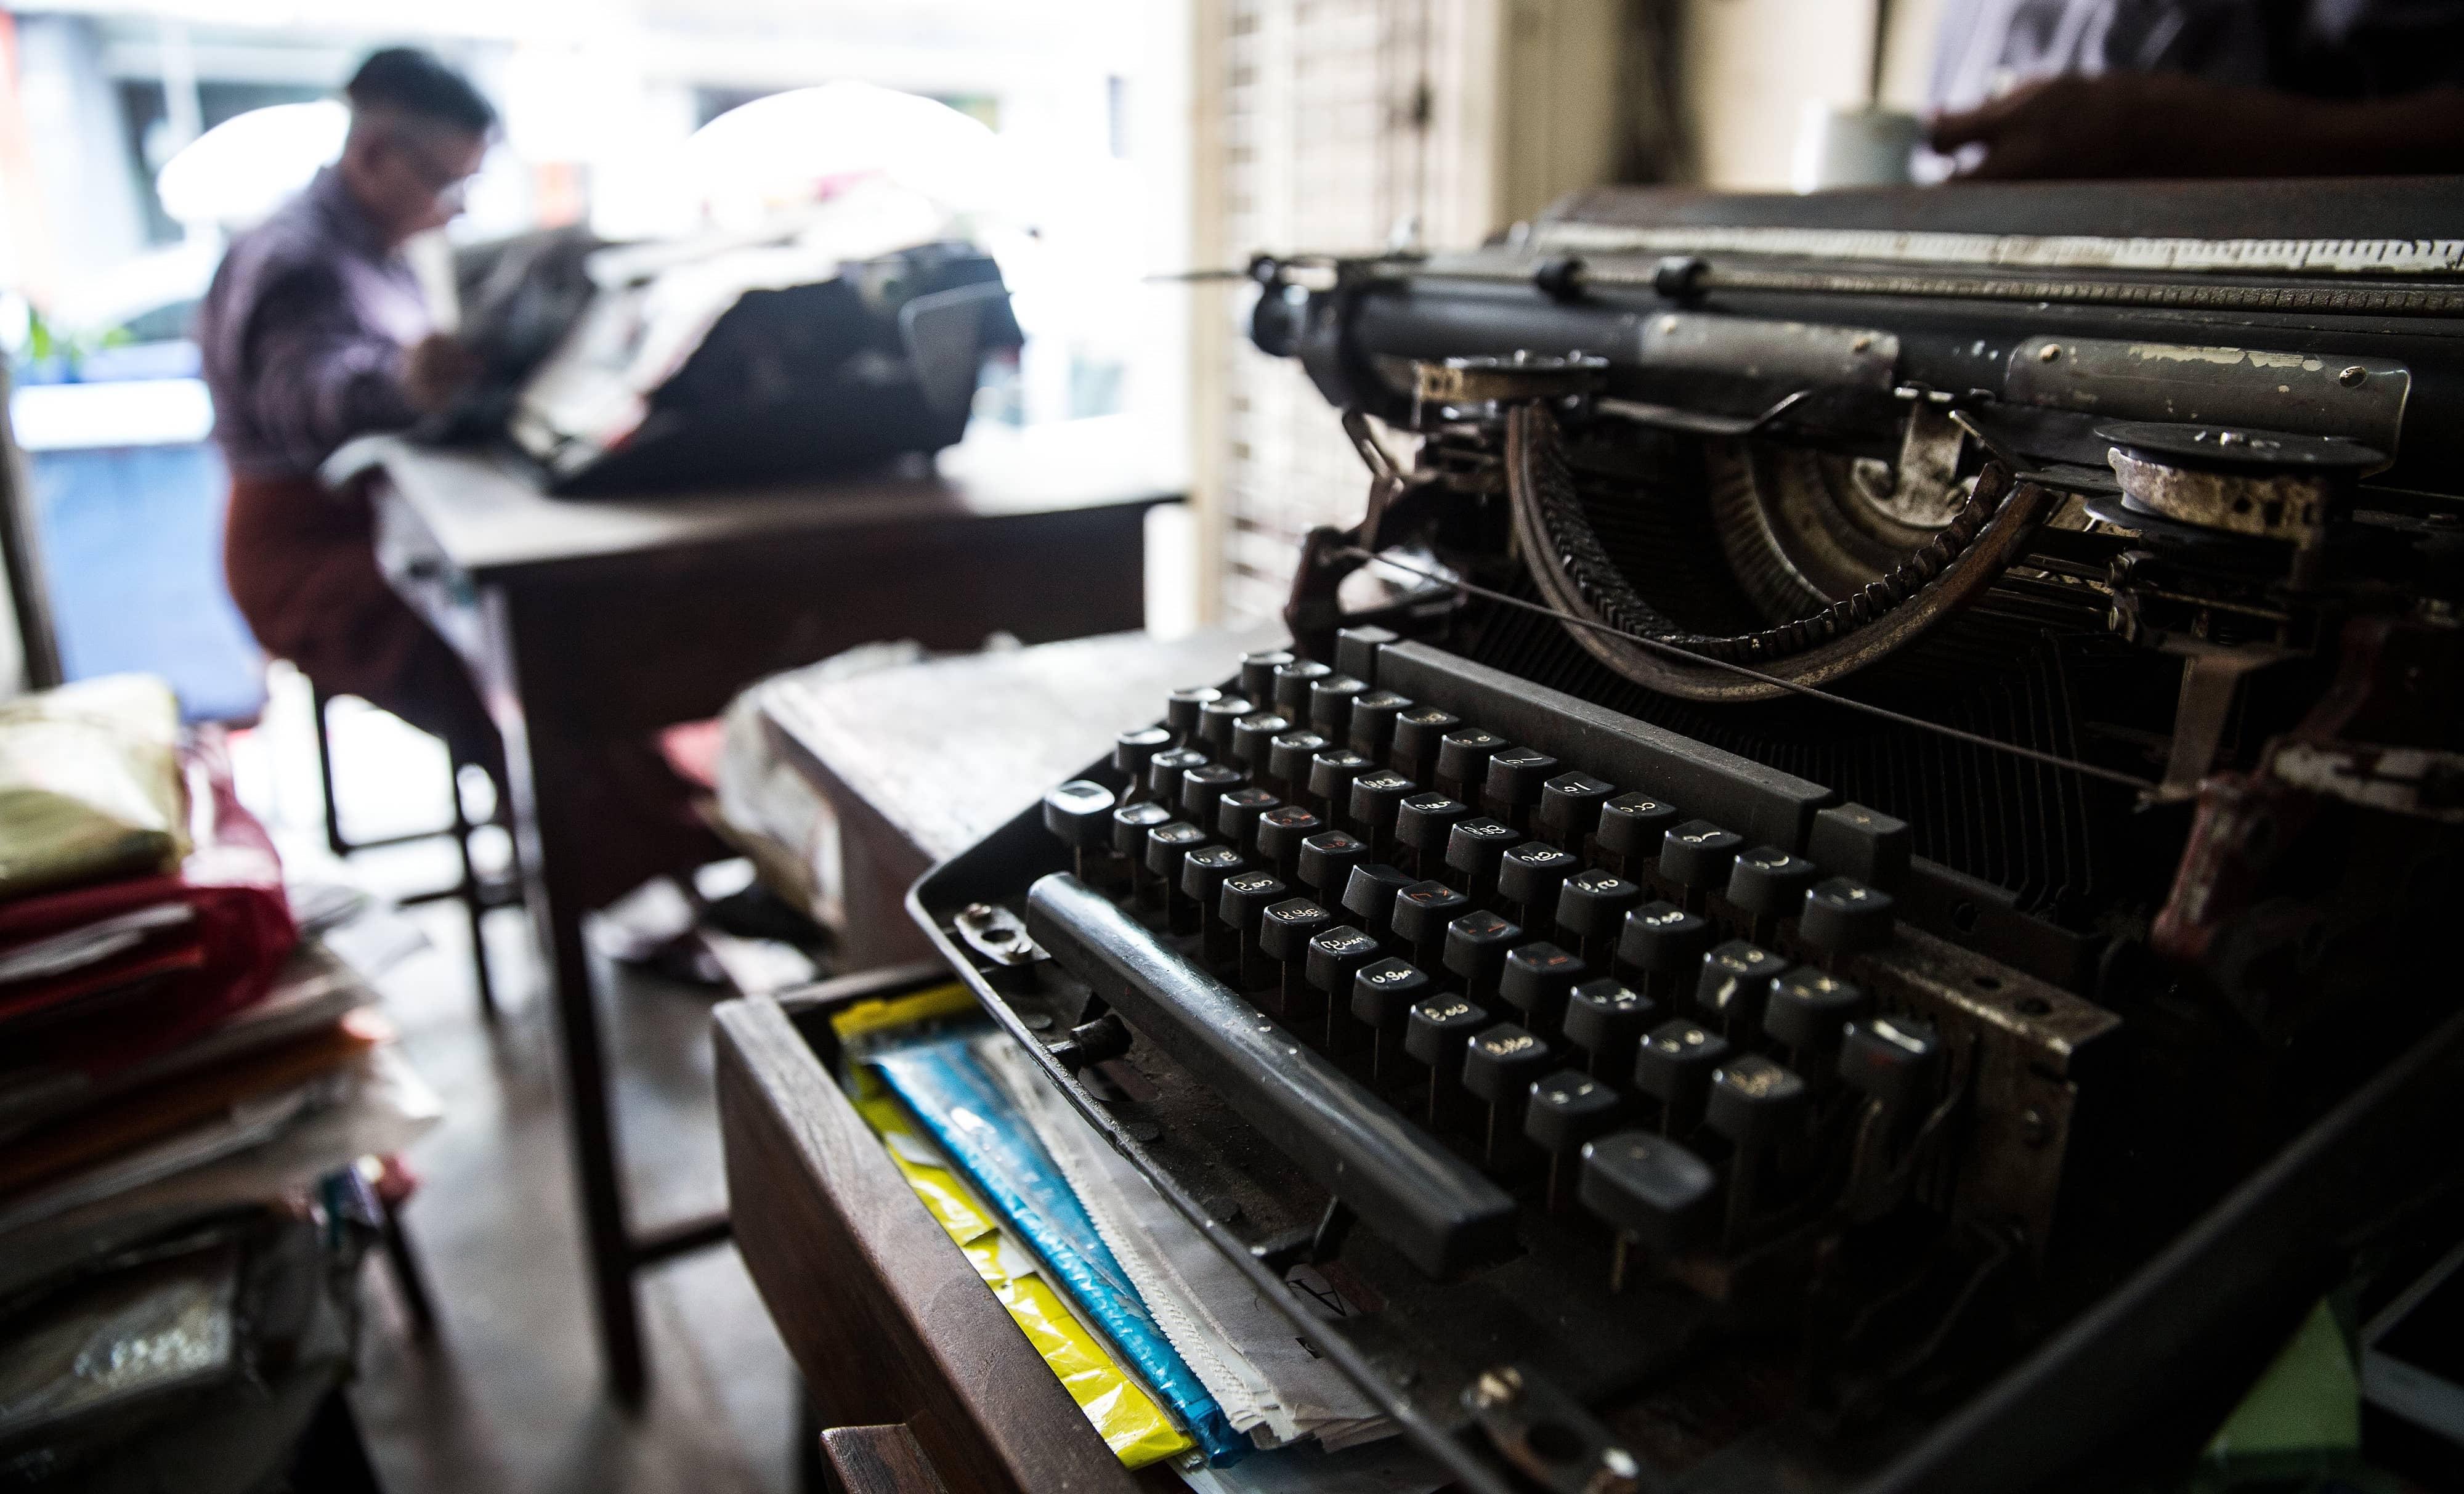 Typewriters in Yangon, Myanmar, 2017 (Photo: Getty Images/Bloomberg)